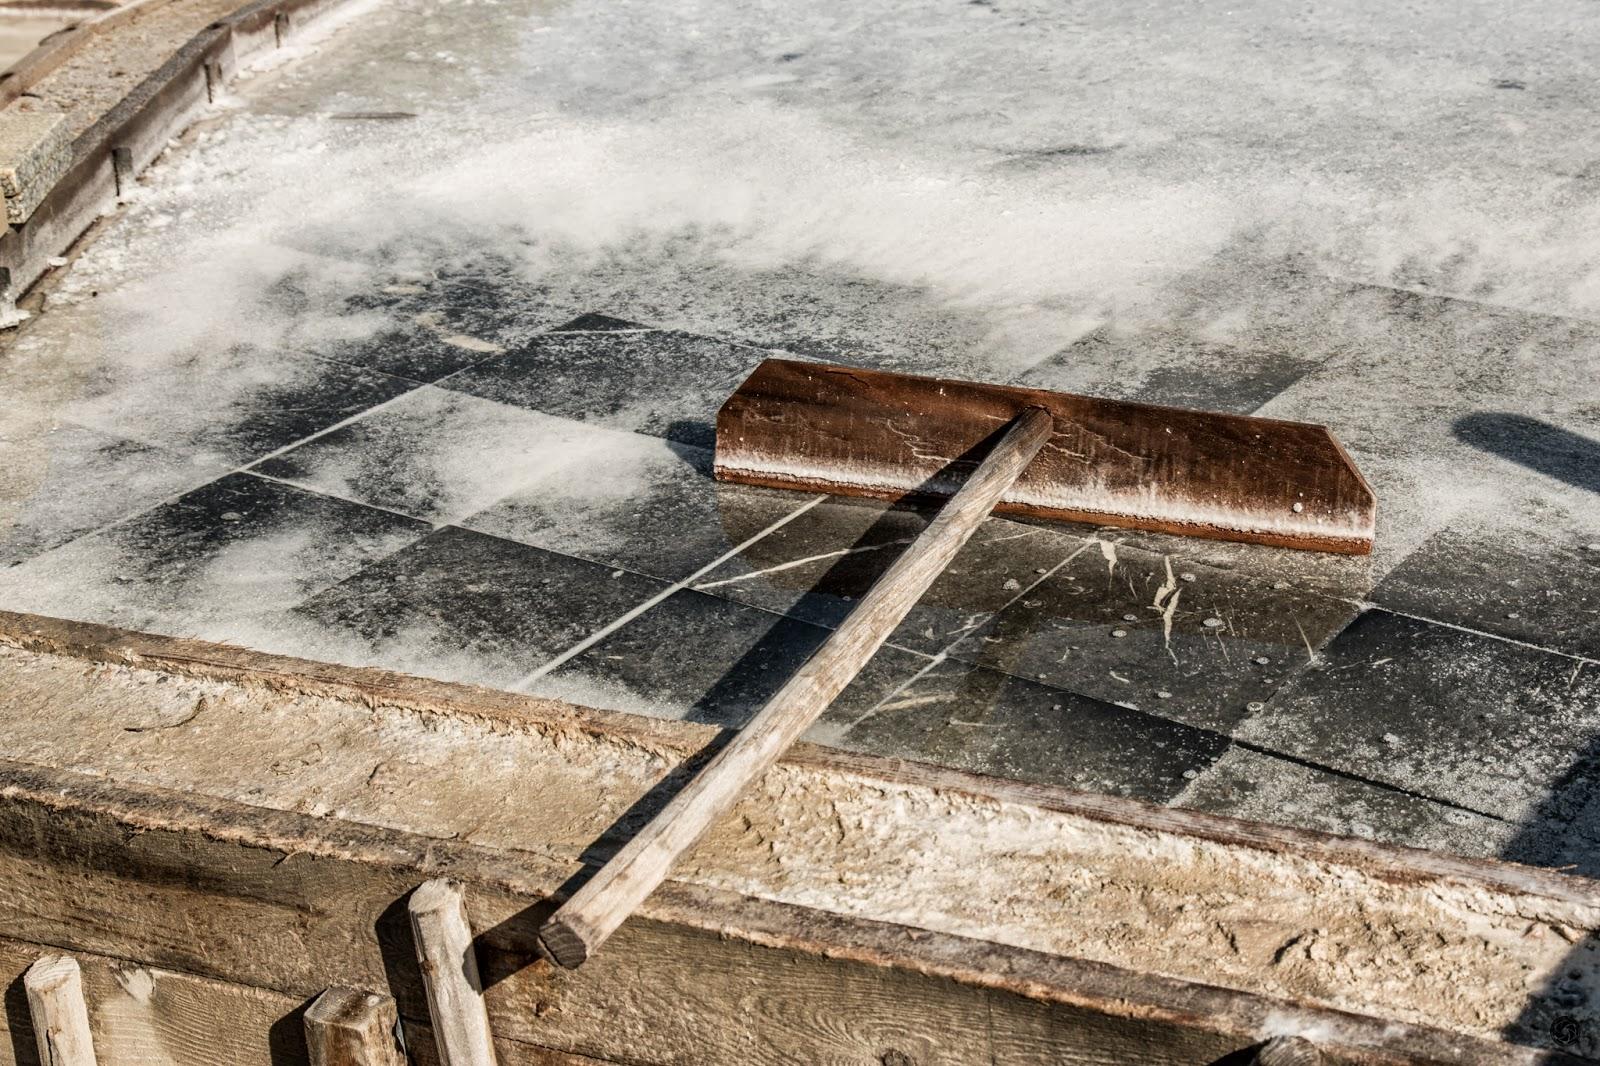 Removiendo la sal :: Canon EOS 5D MkIII | ISO100 | Canon 24-105 @47mm | f/10 | 1/100s